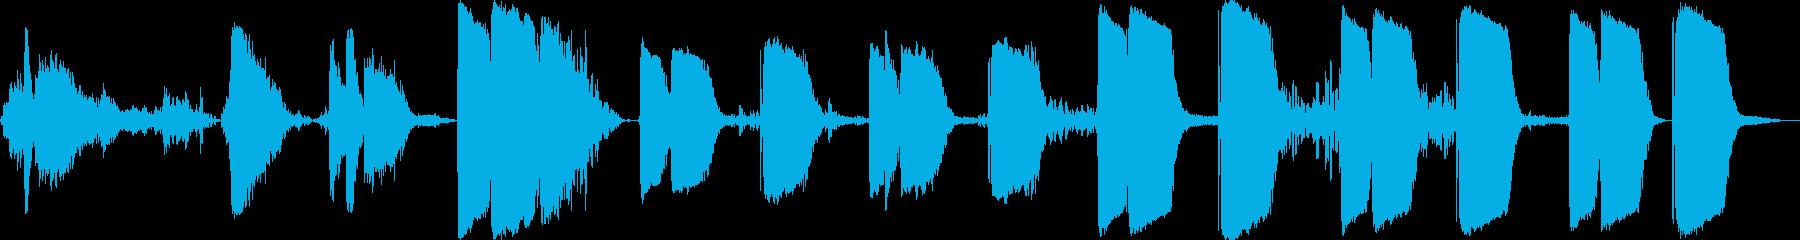 ジェットコースターシリンダーキック...の再生済みの波形